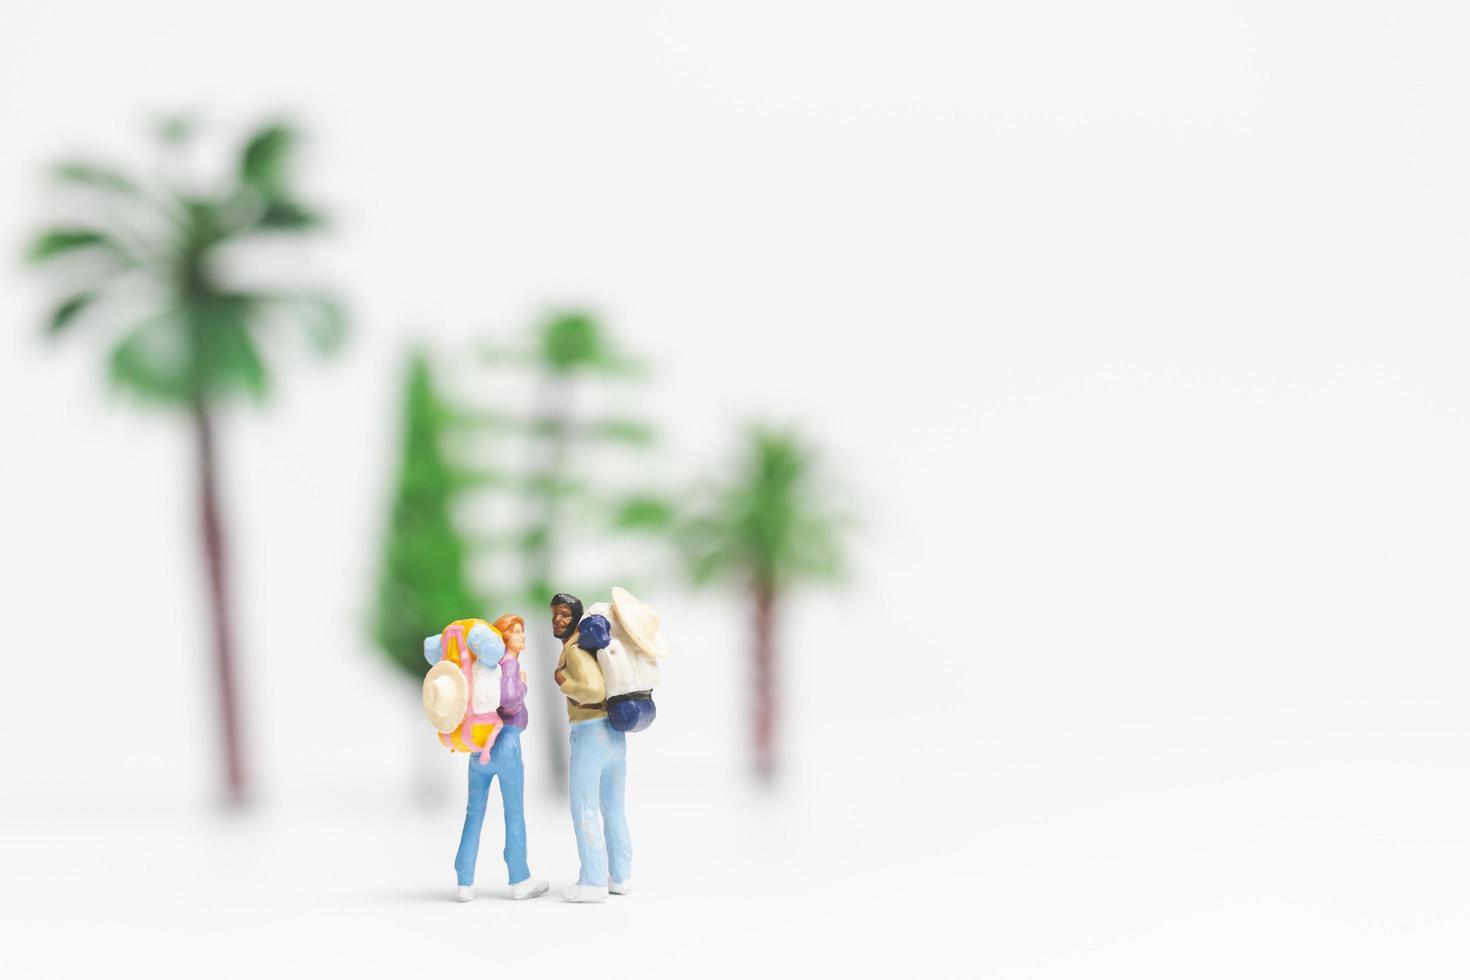 Viajeros en miniatura con mochilas caminando sobre un fondo blanco, concepto de viaje y aventura foto